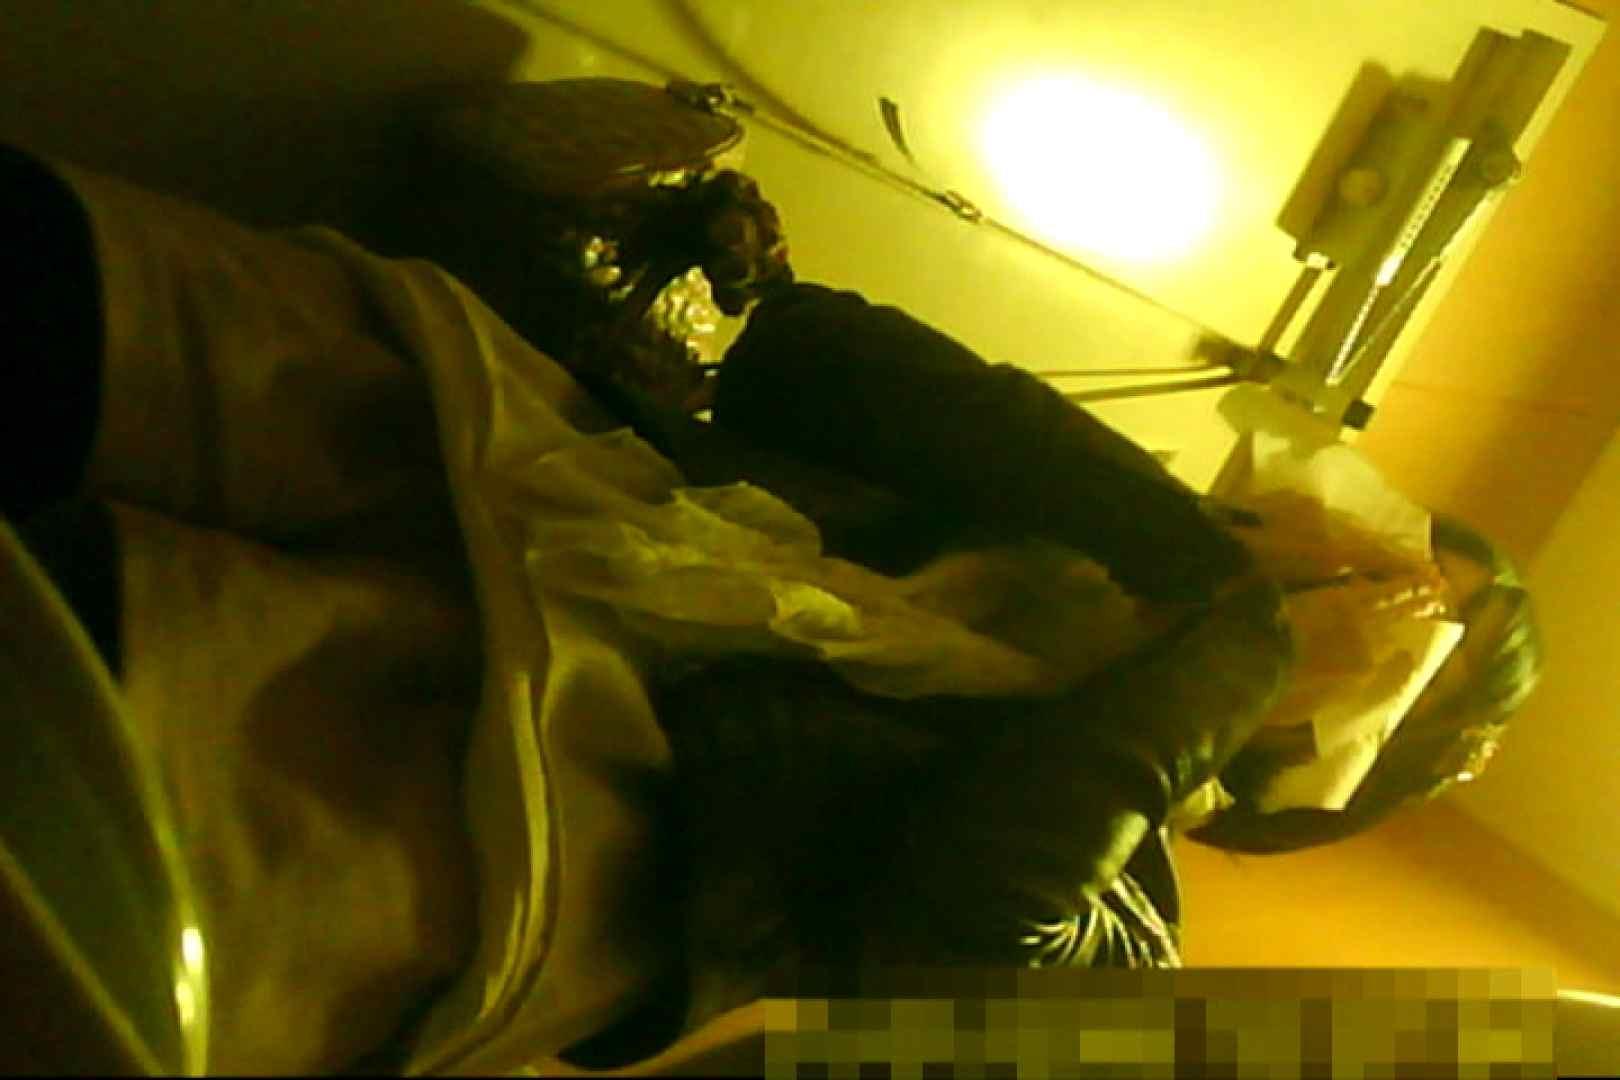 魅惑の化粧室~禁断のプライベート空間~26 プライベート  60連発 58